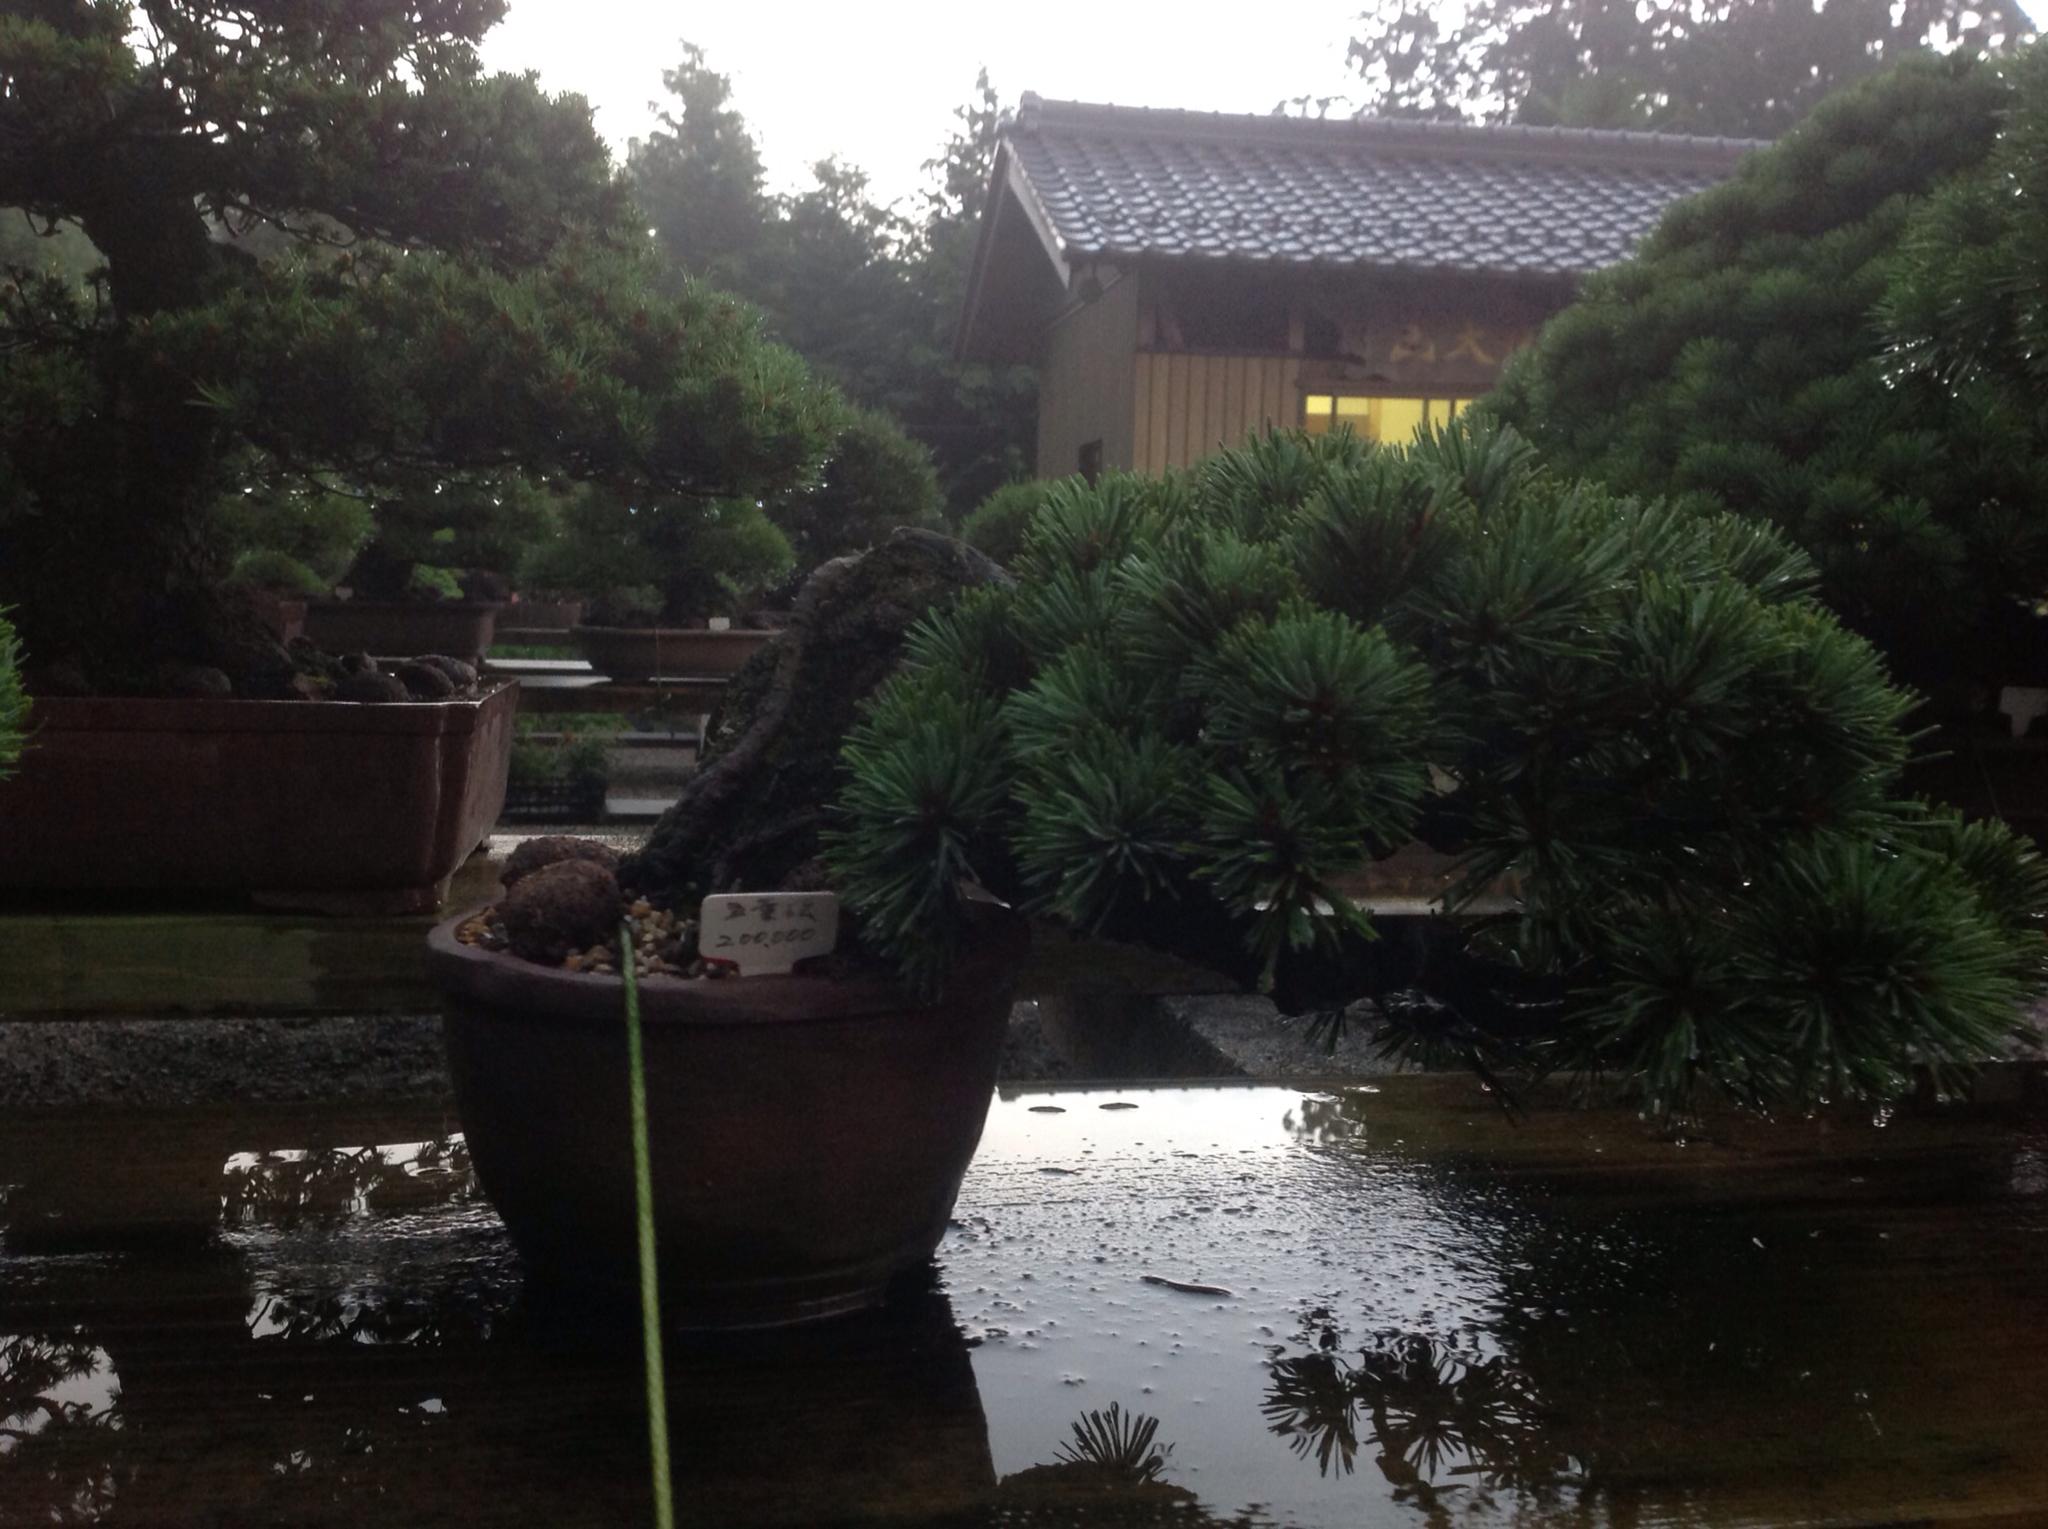 Saruyama Blog Further Along The Trip